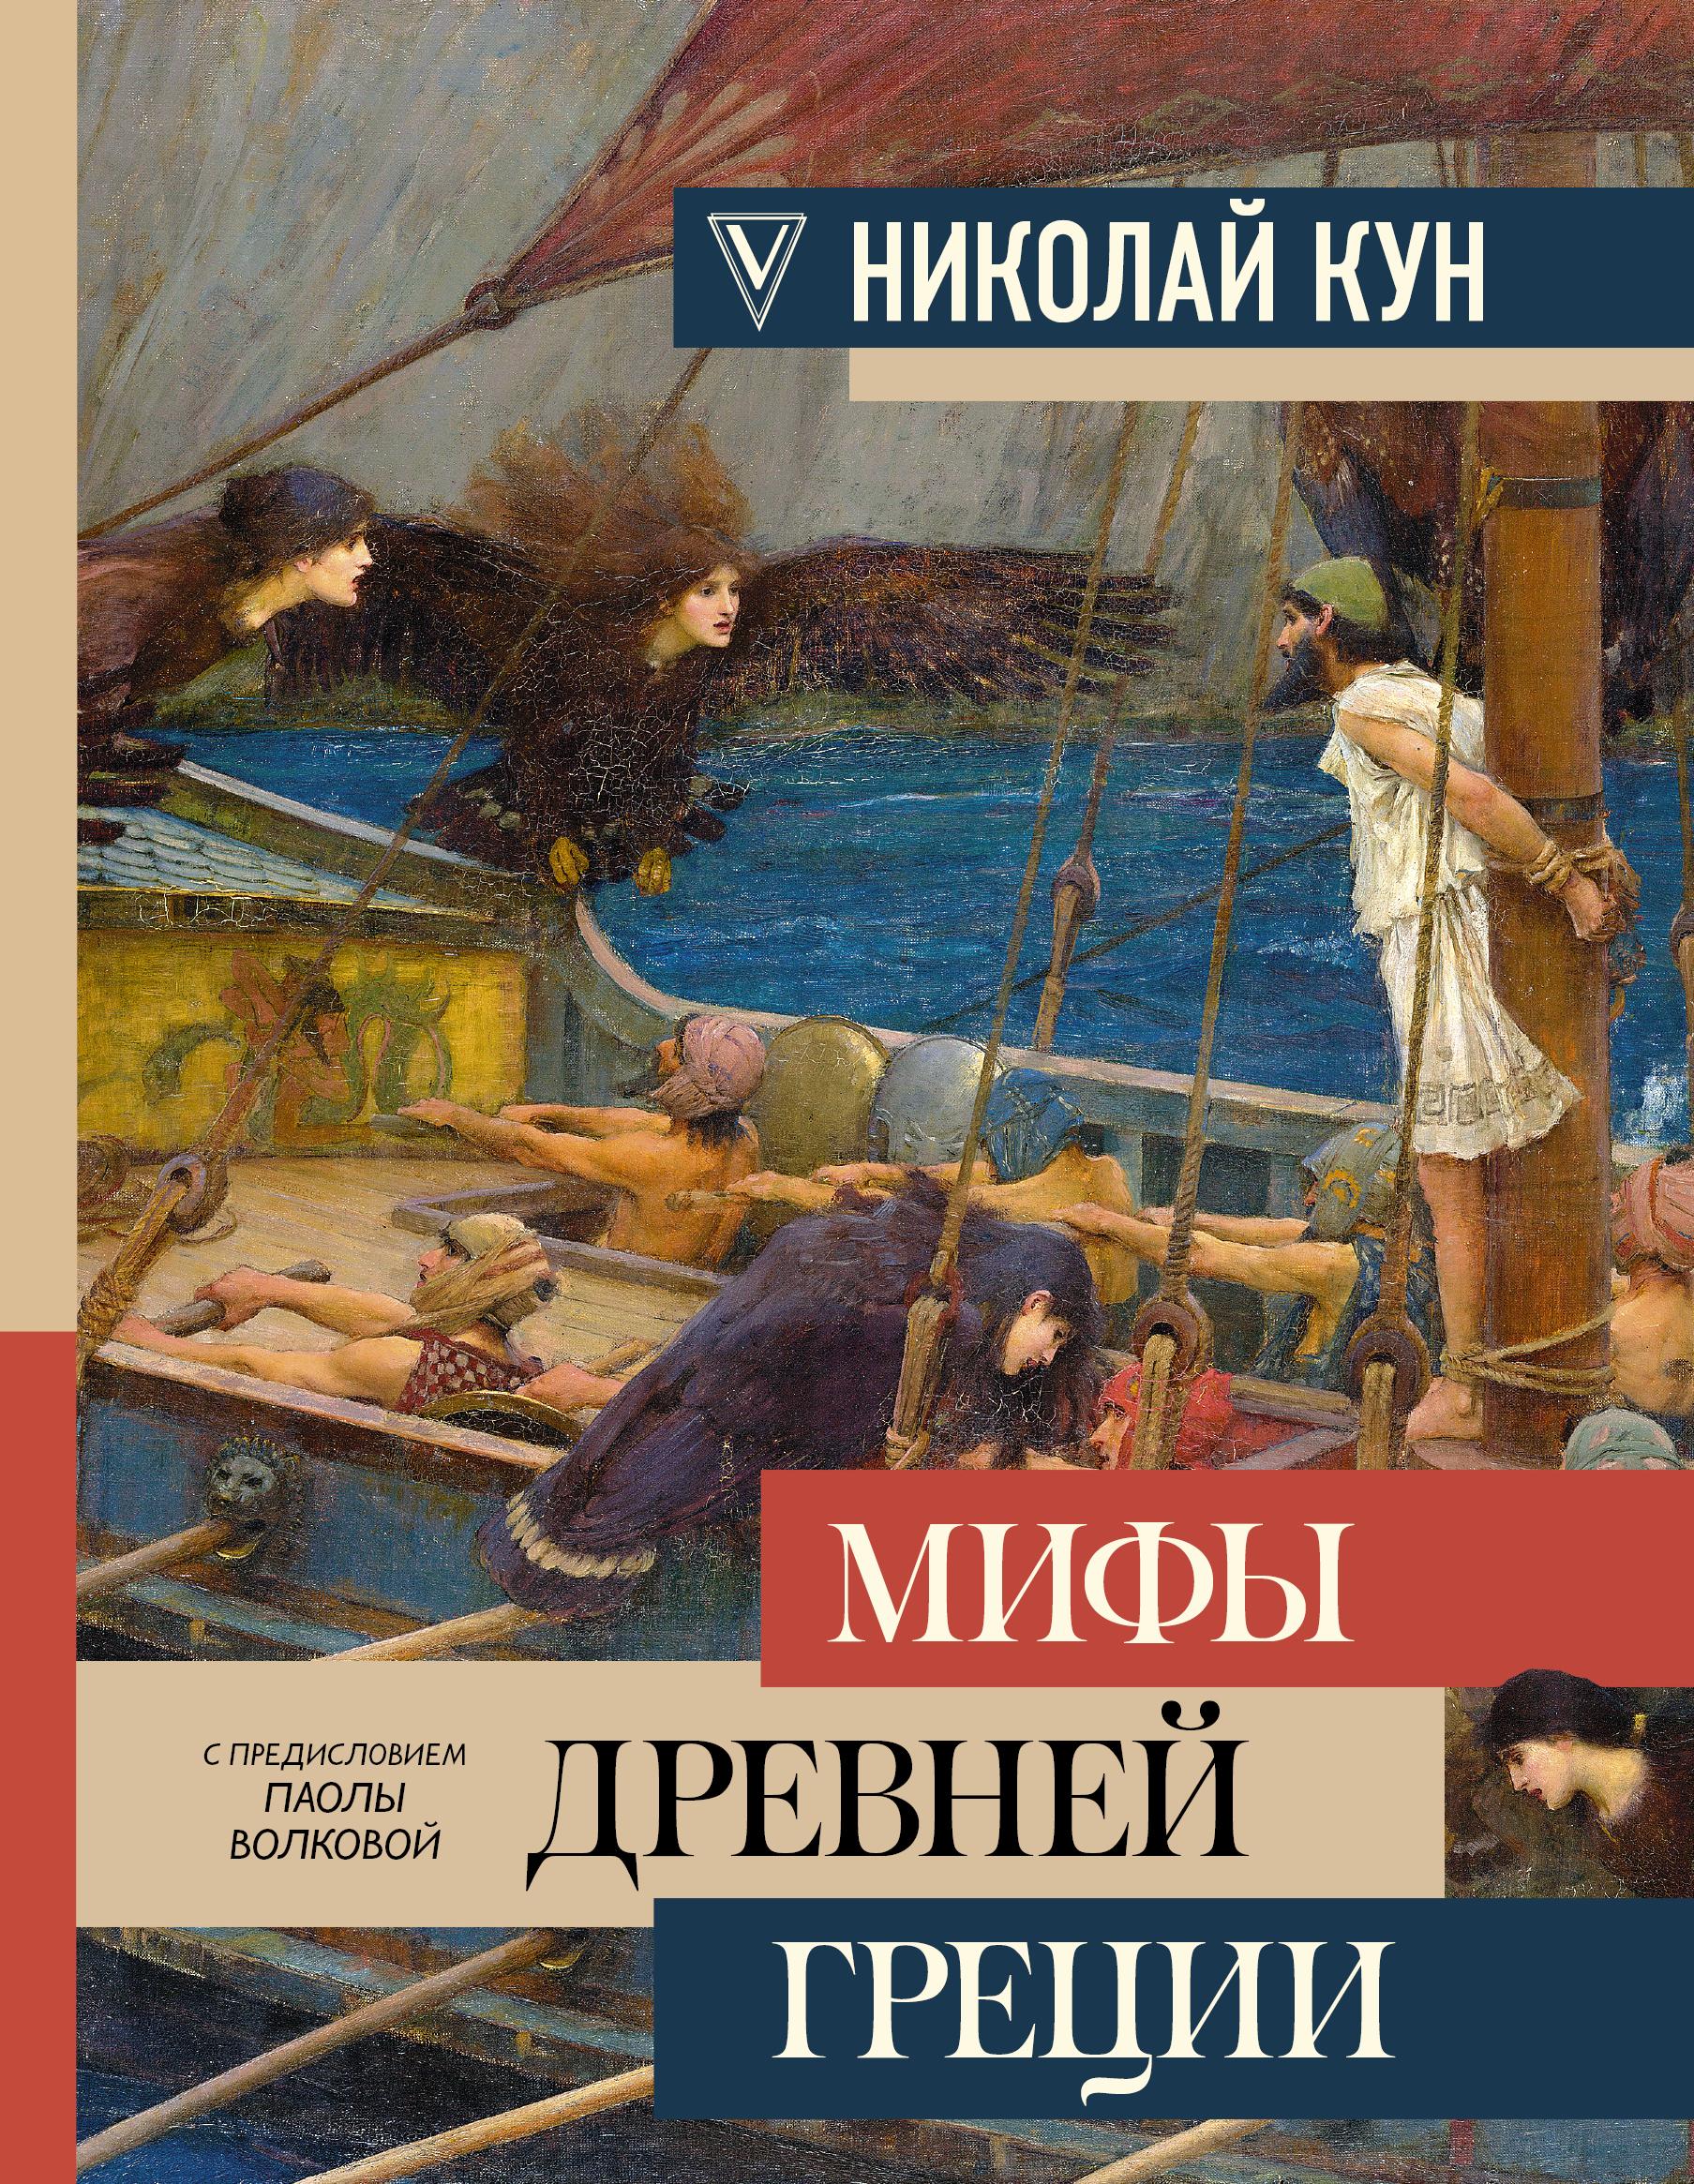 Н. А. Кун, П. Д. Волкова Мифы Древней Греции